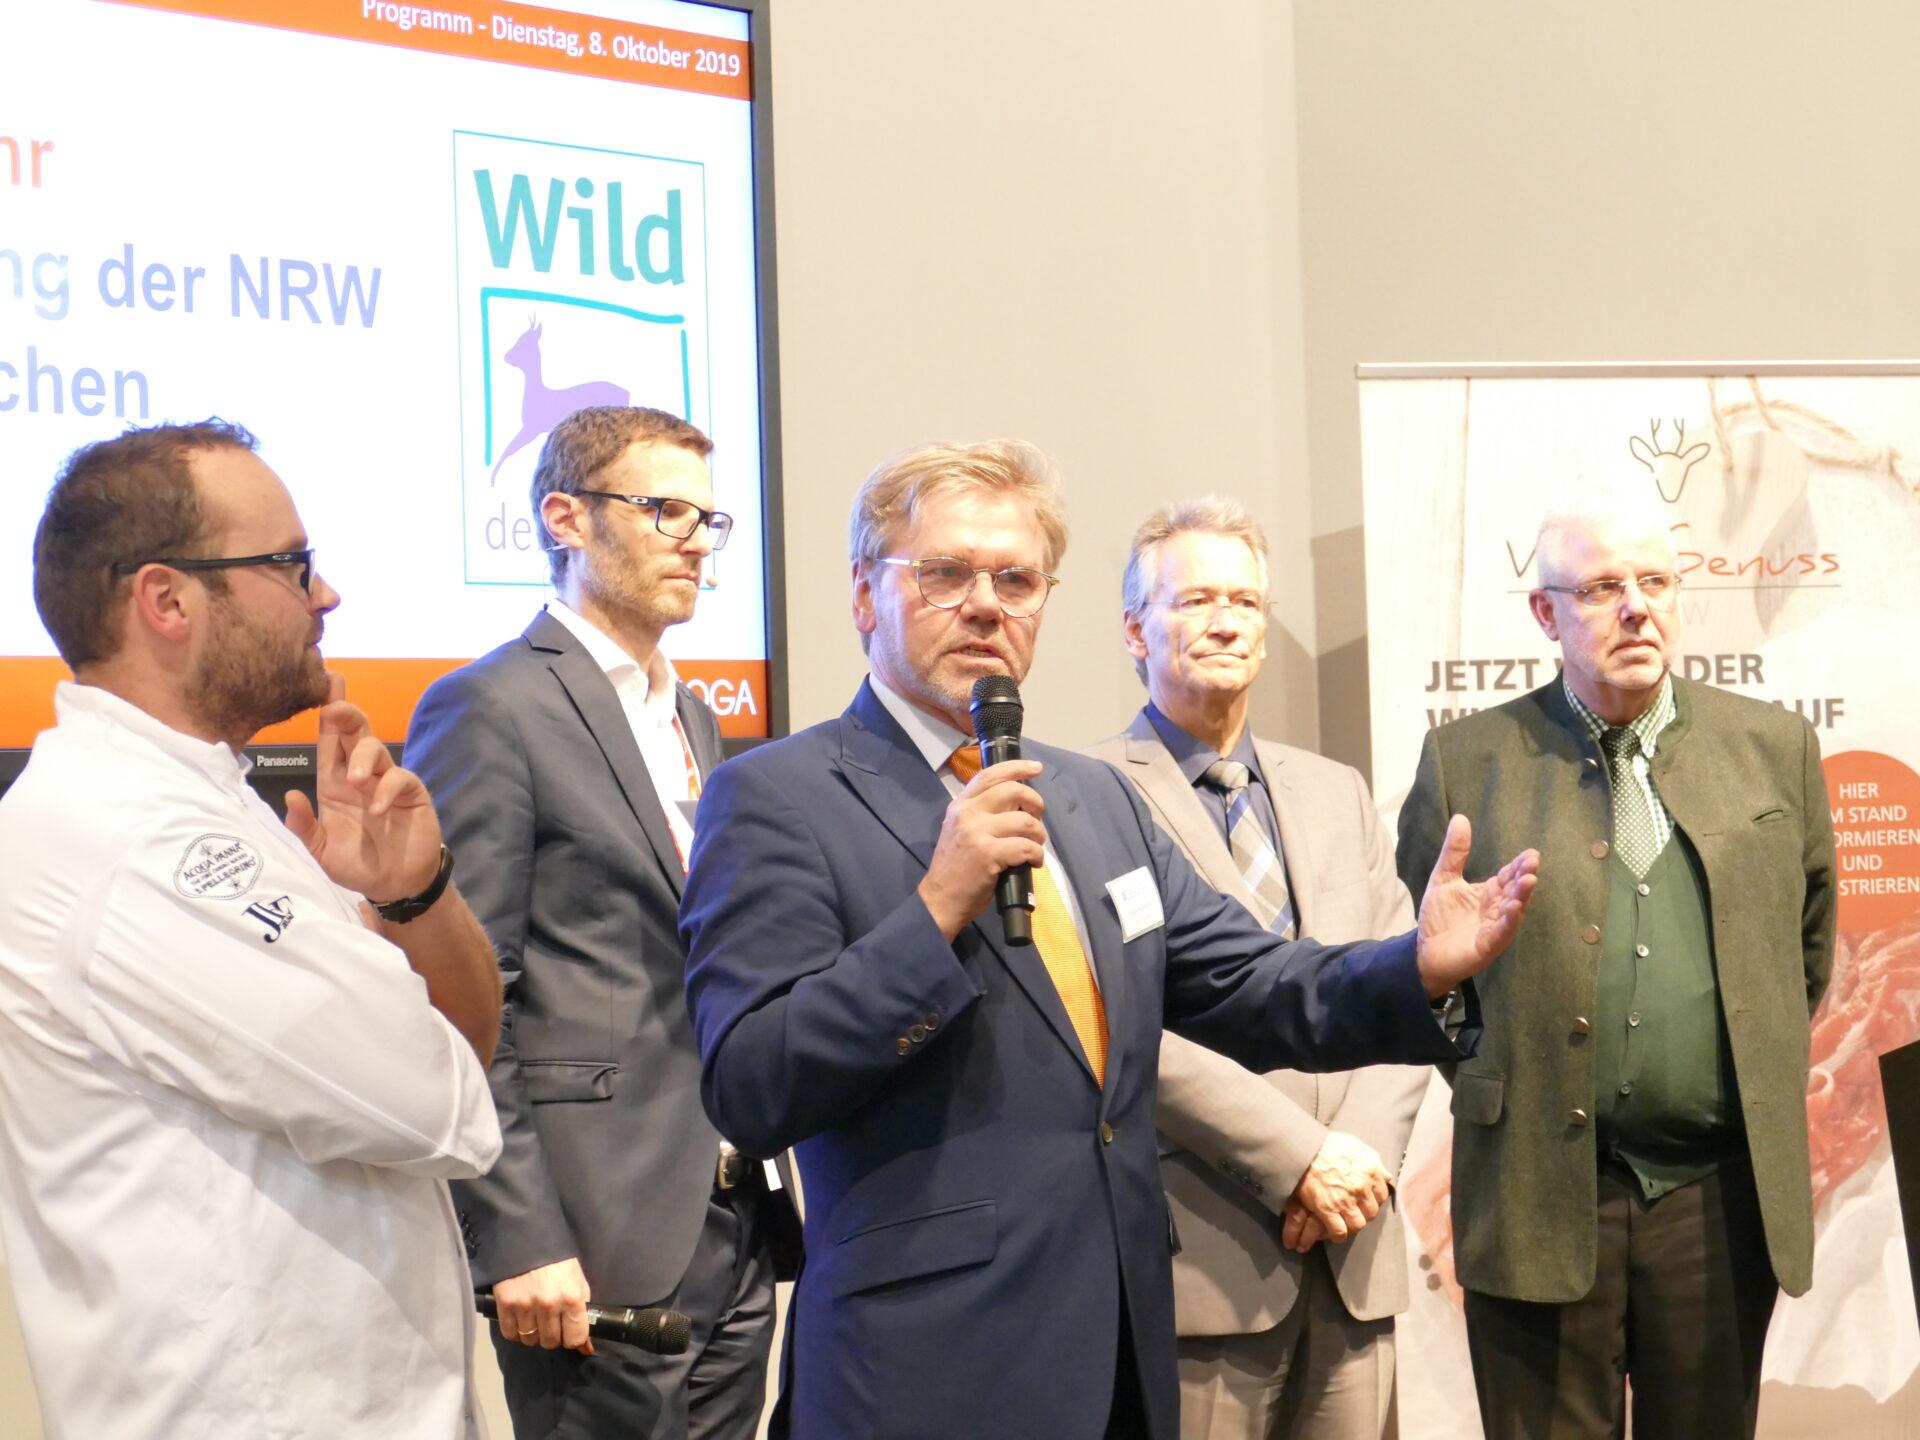 Nordrhein-Westfalen: Wild bietet klimaneutralen Fleischgenuss - WILD UND HUND